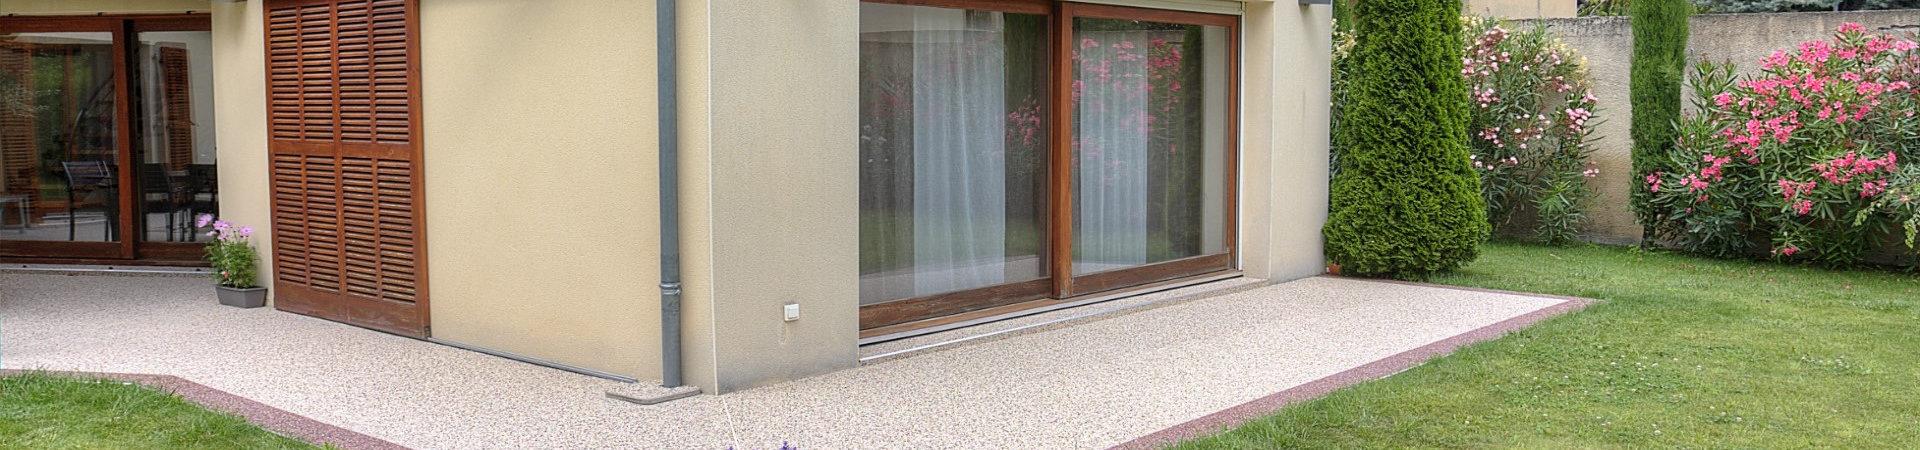 Trottoirs et murs de maison toujours propres - pas d'humidité